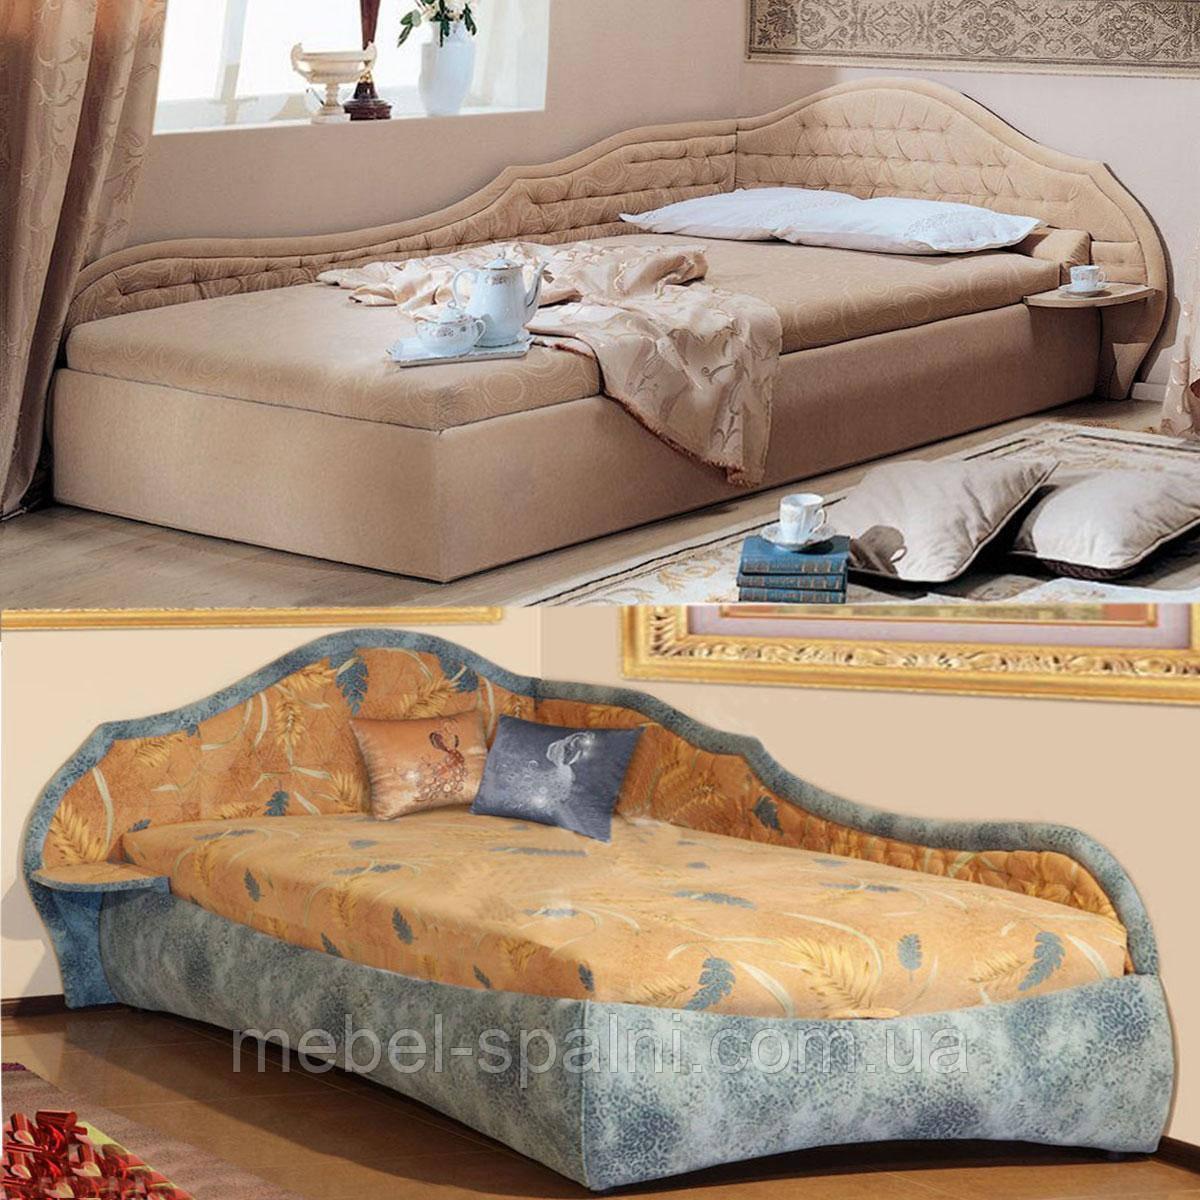 Ліжко односпальне дерев'яна 90Х200 «Вероніка» з ящиками біла від виробника з дерева